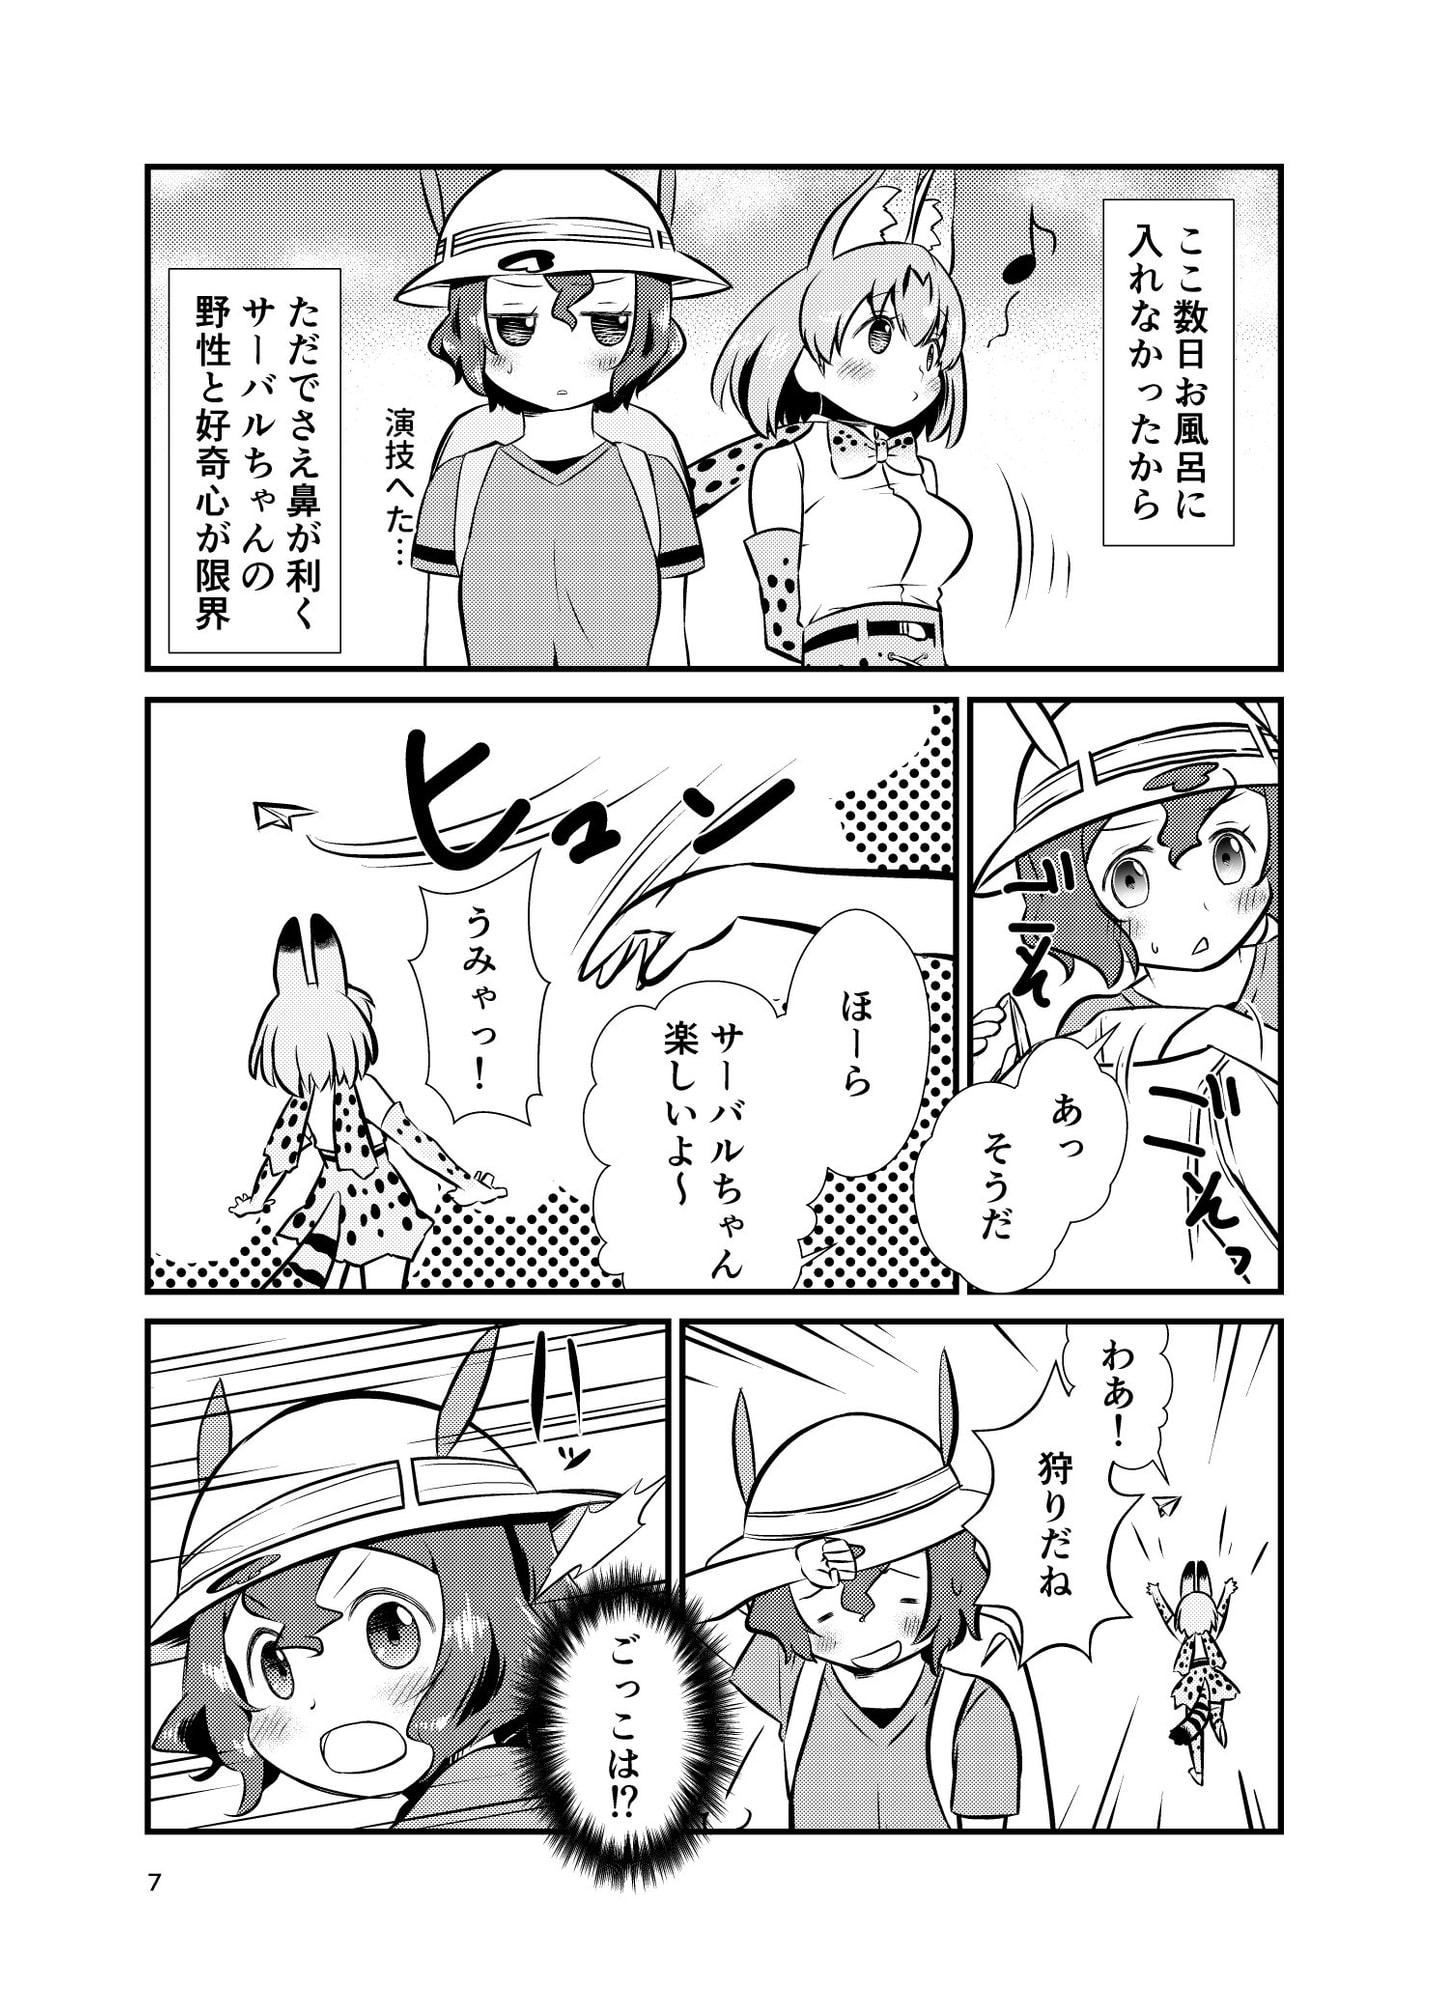 たべないよ! ジャパリ出発編